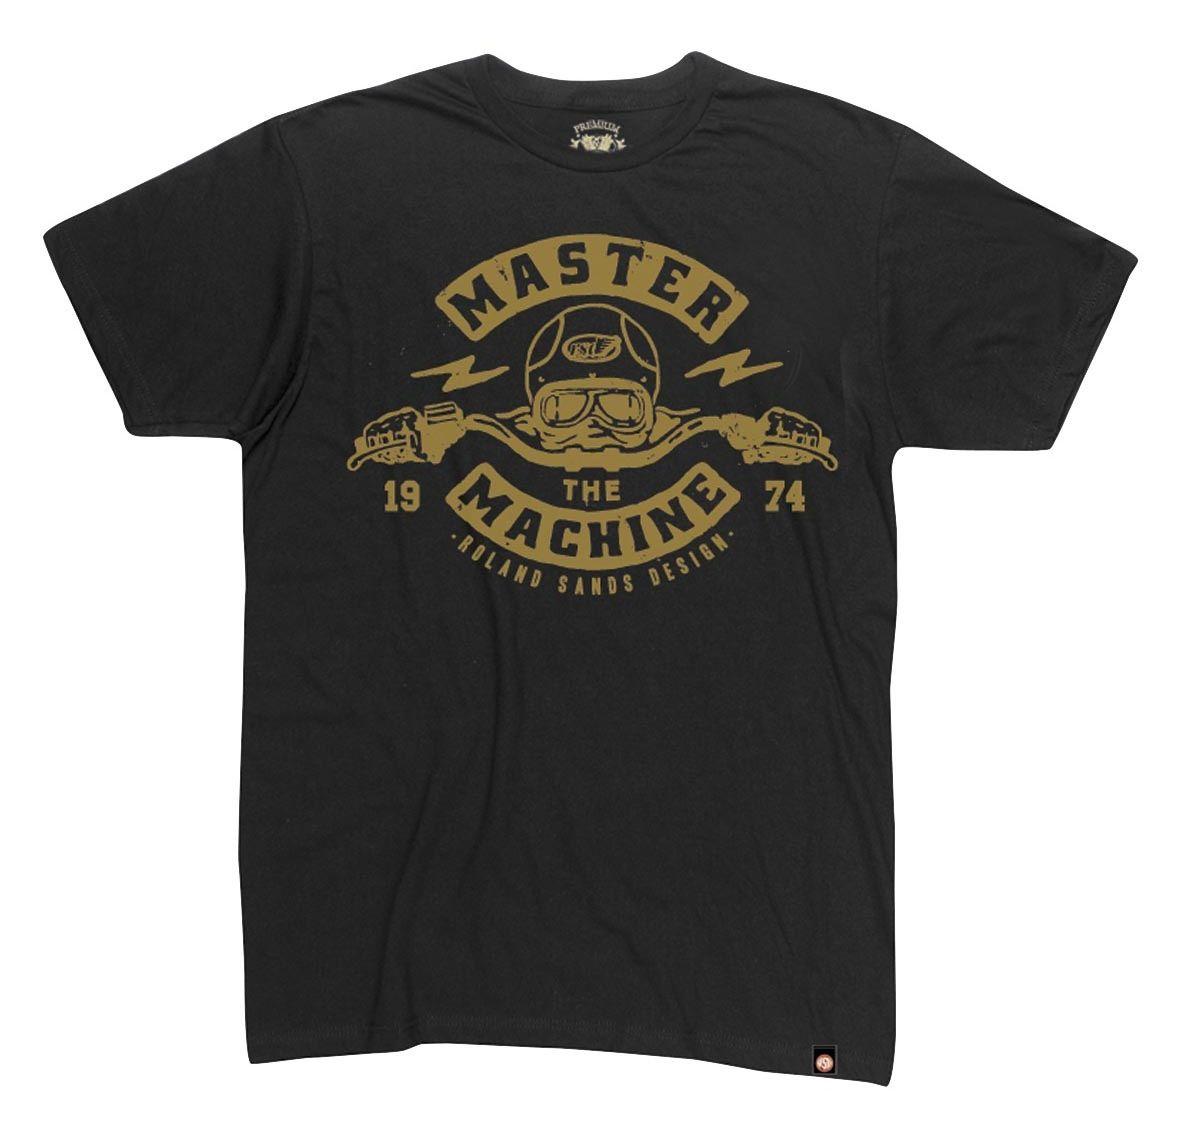 machine shirt